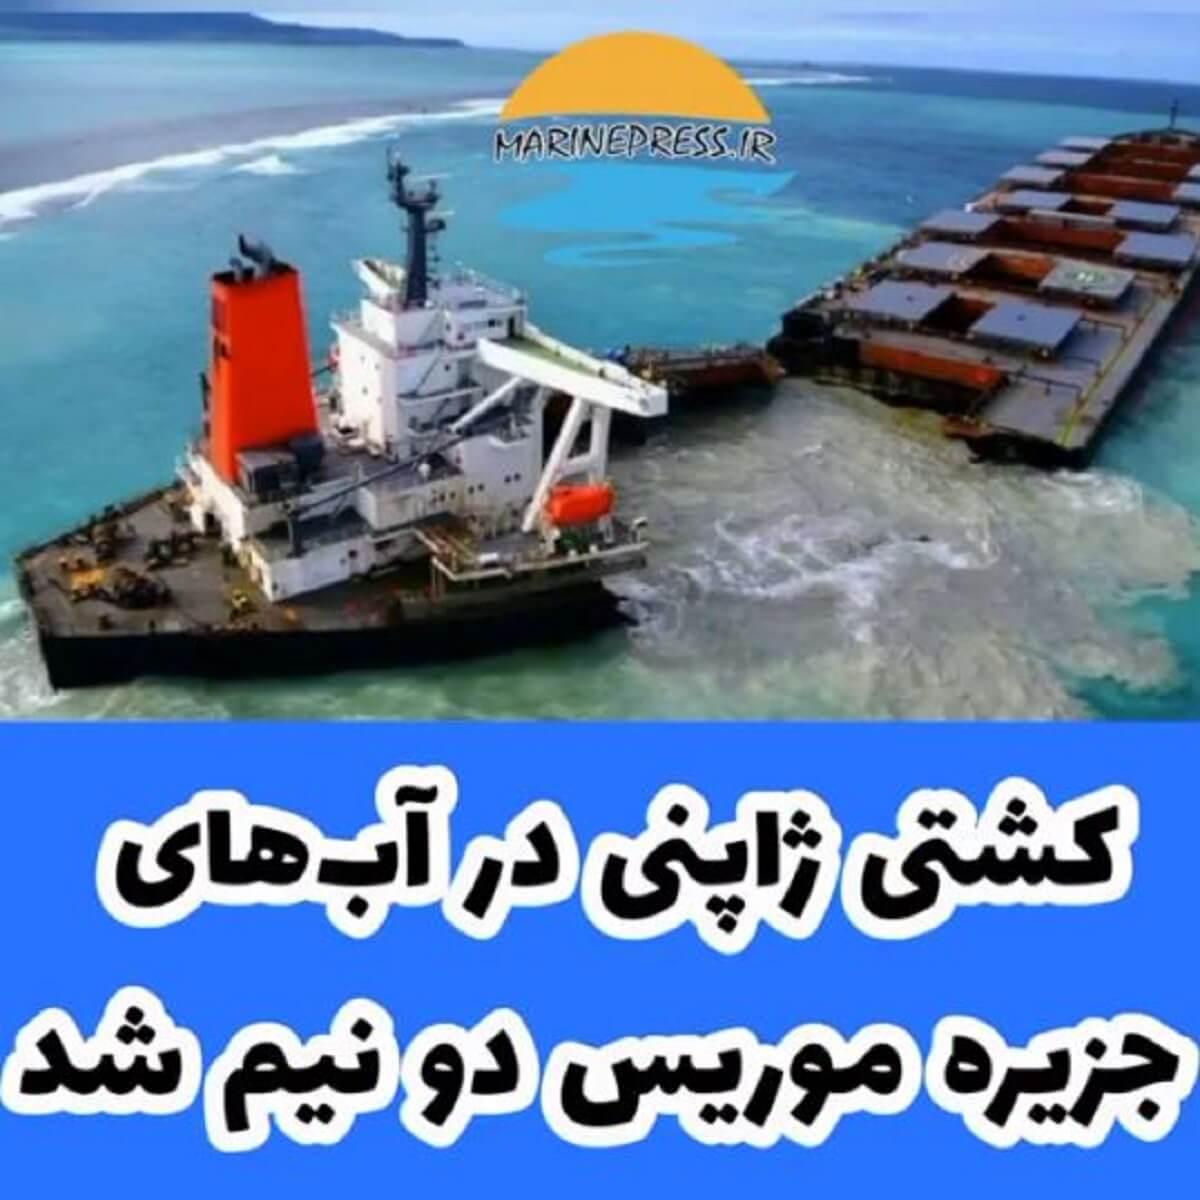 کشتی ژاپنی در آبهای جزیره موریس شکست